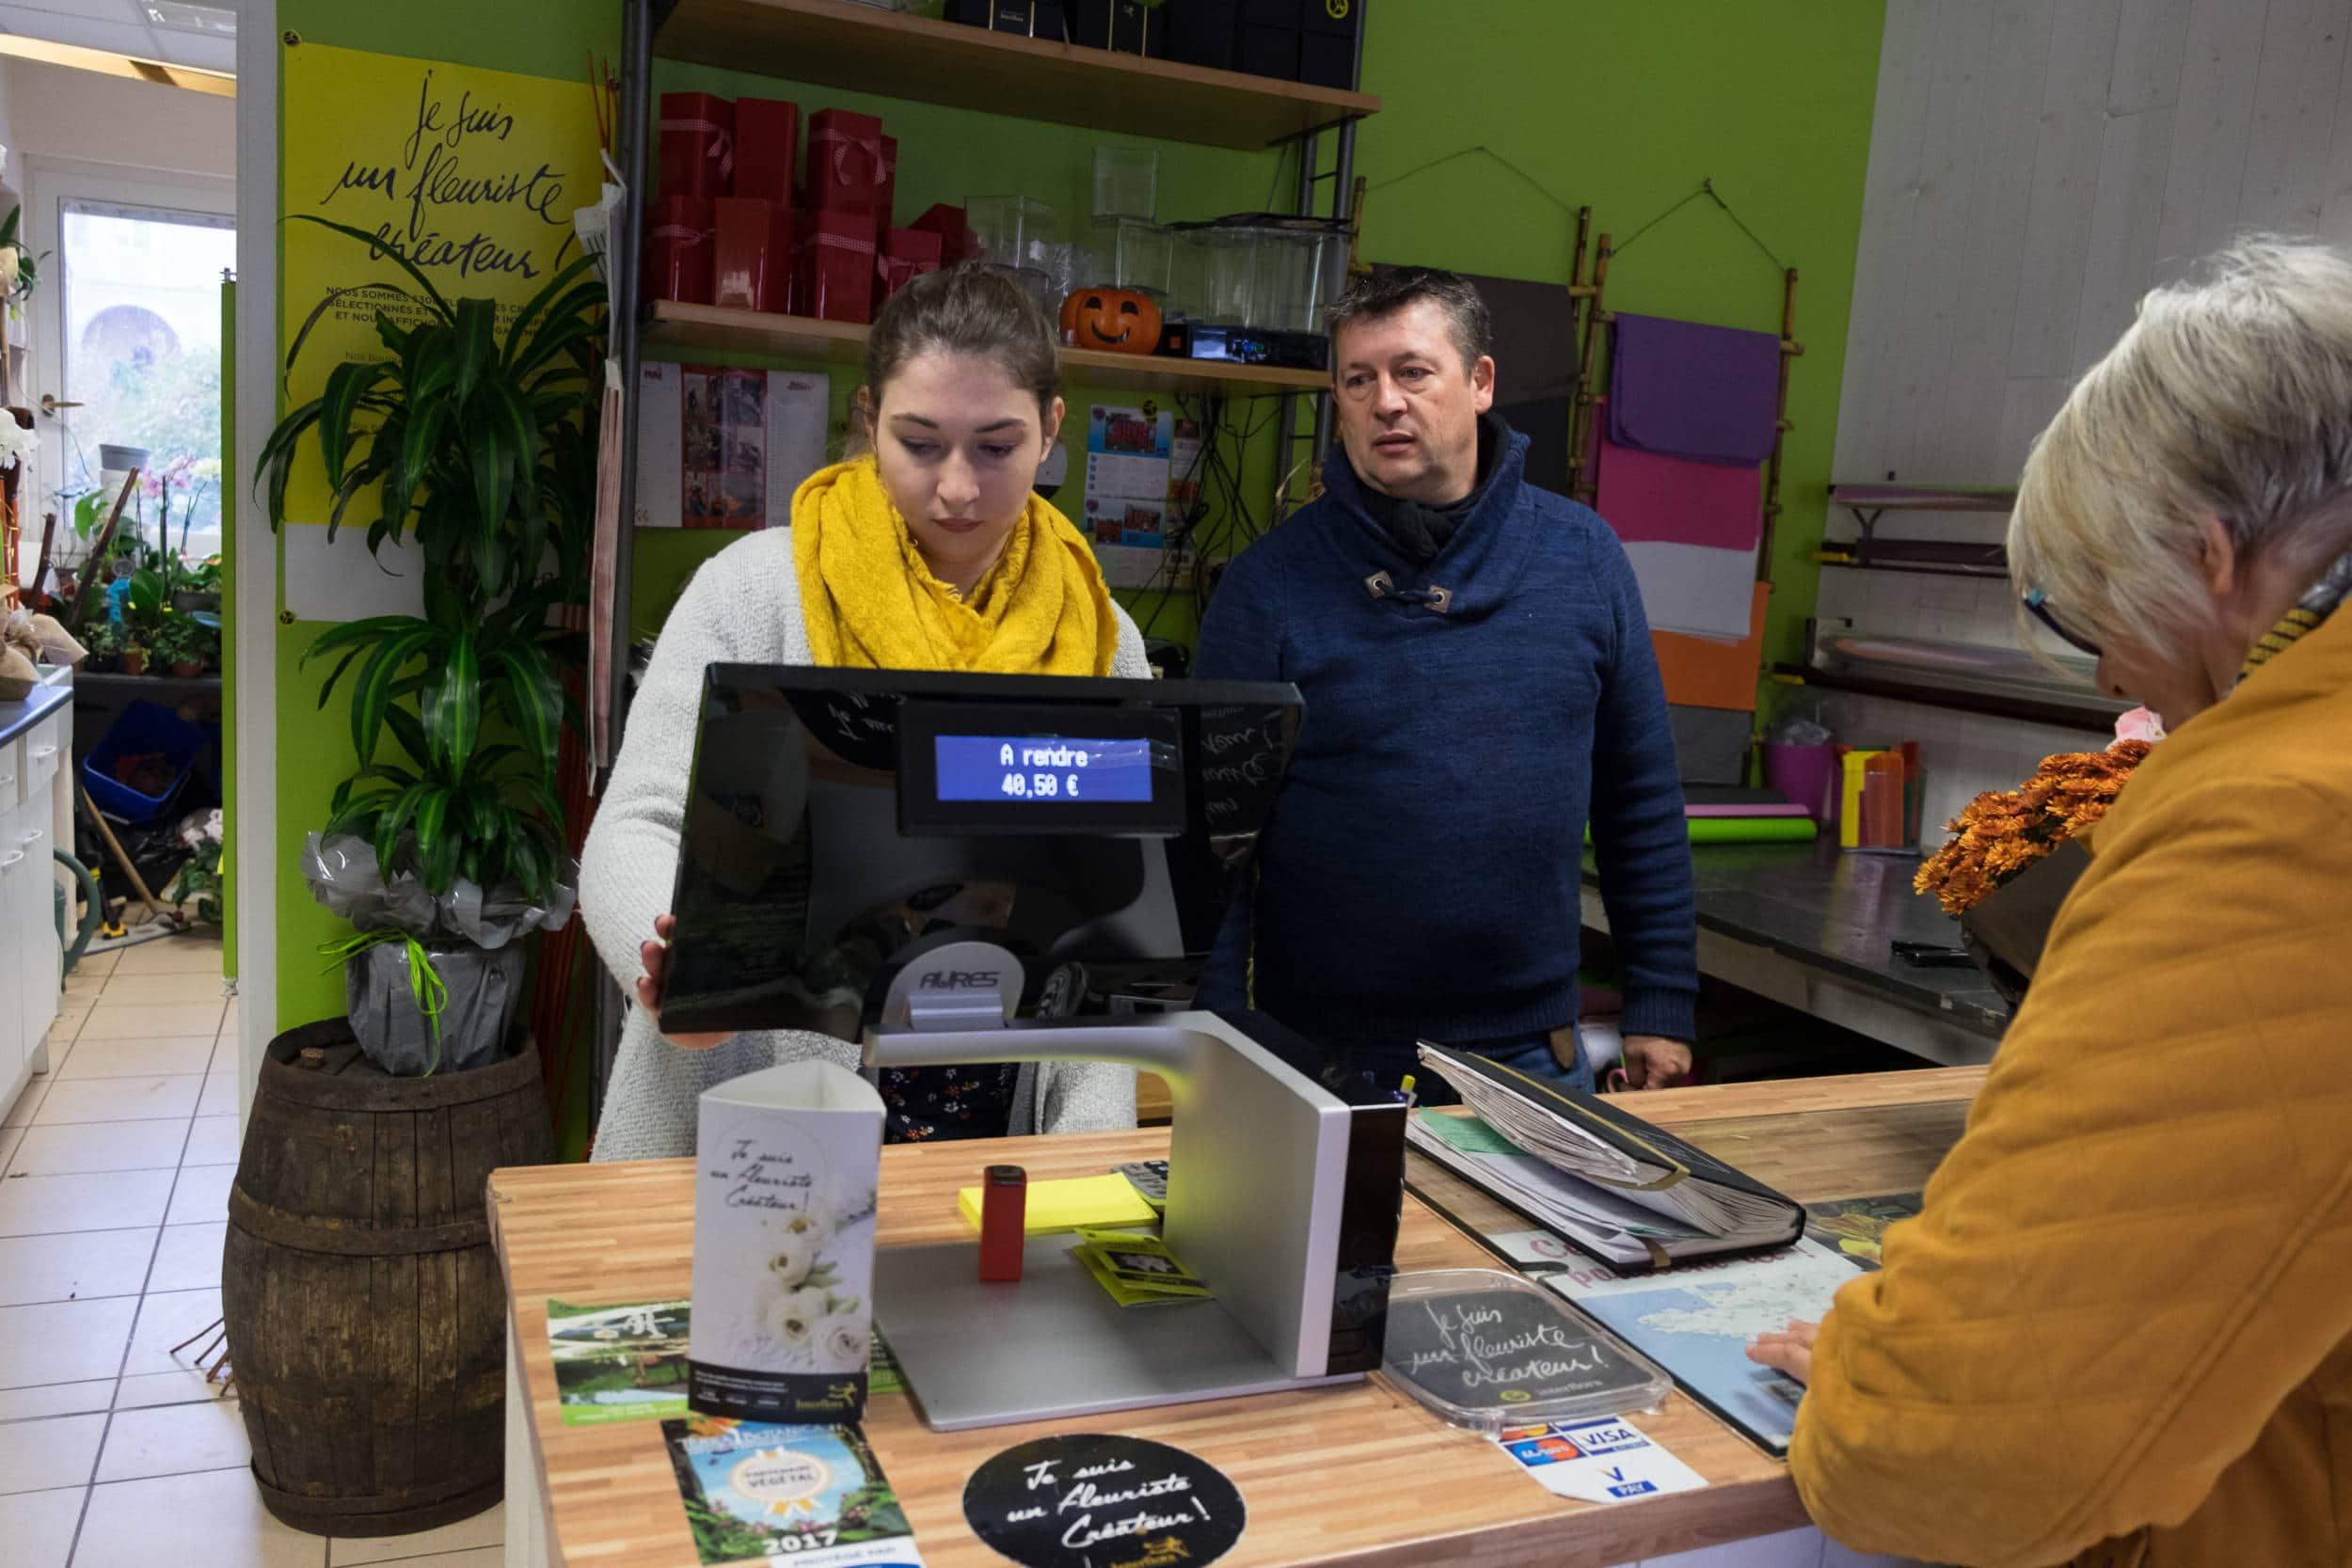 Aurélie encaisse une cliente à l'aide de sa caisse enregistreuse